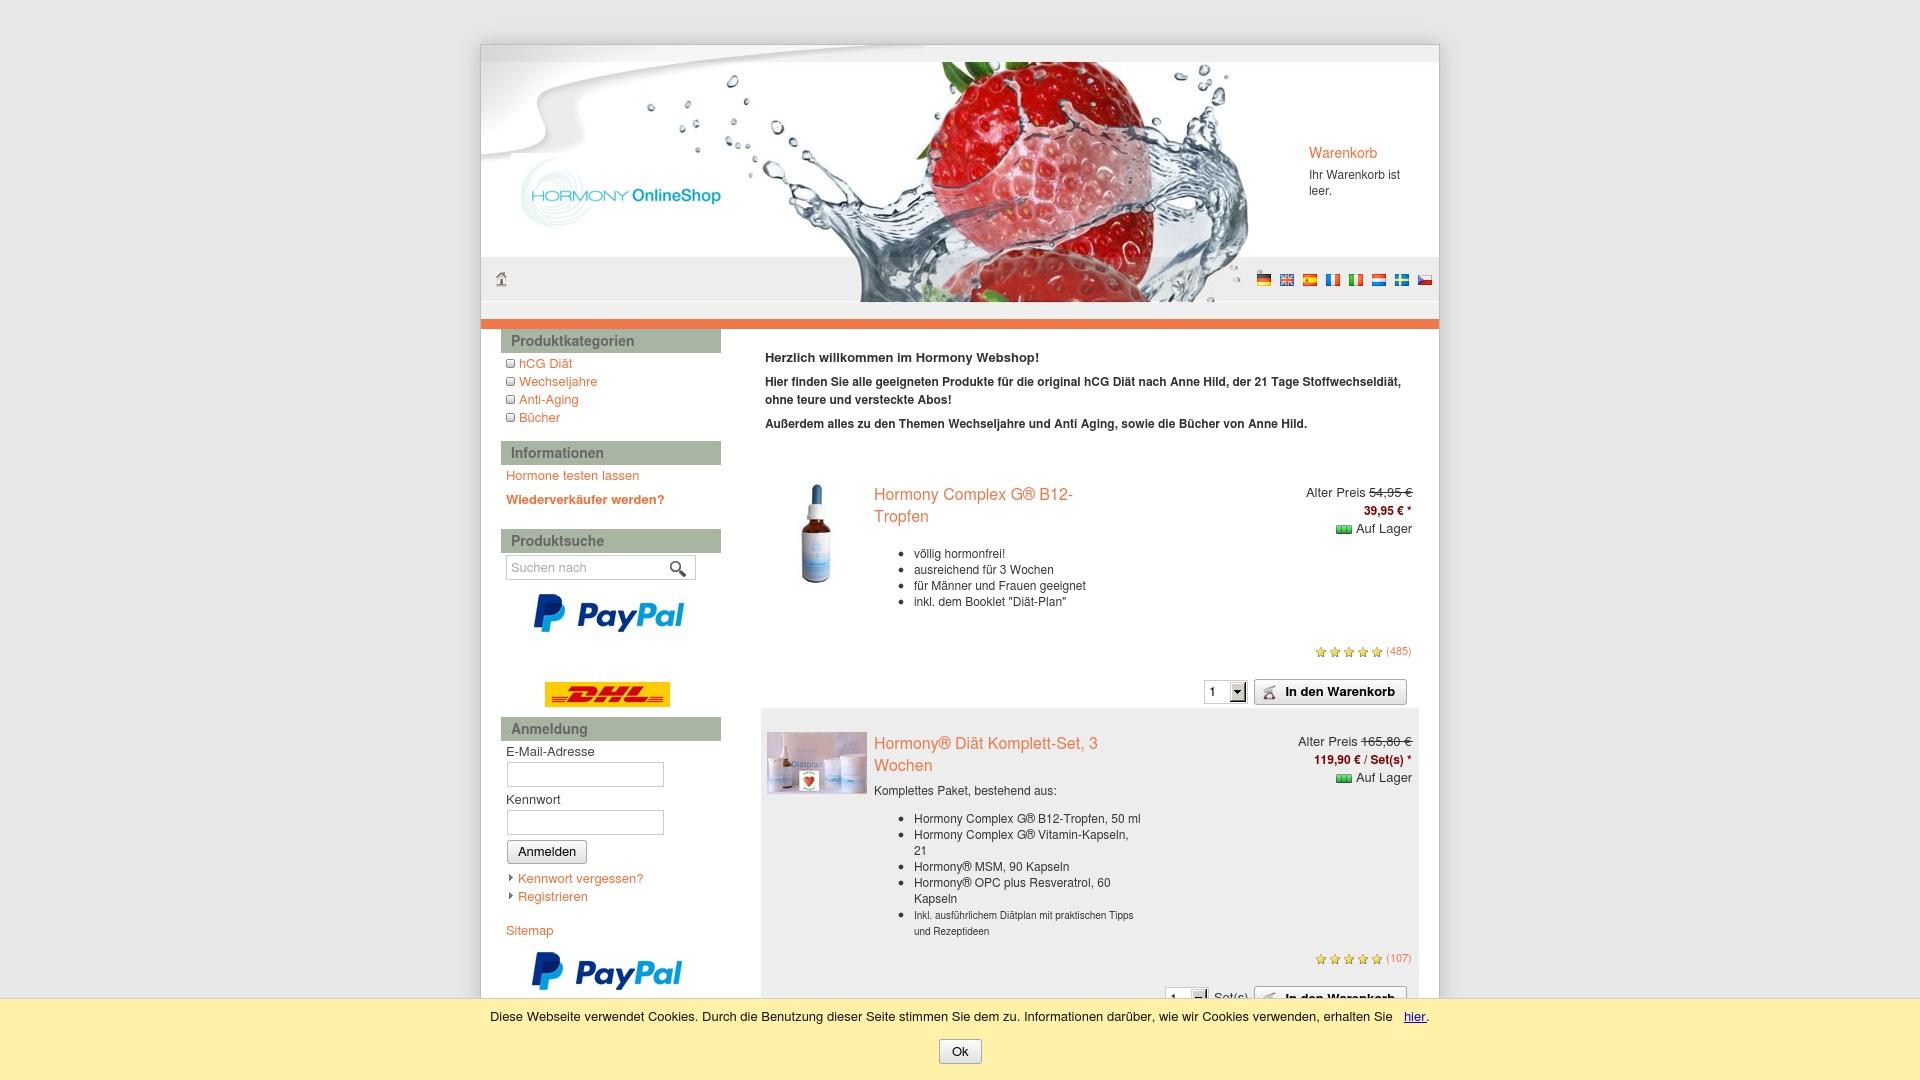 Gutschein für Hormonyshop: Rabatte für  Hormonyshop sichern